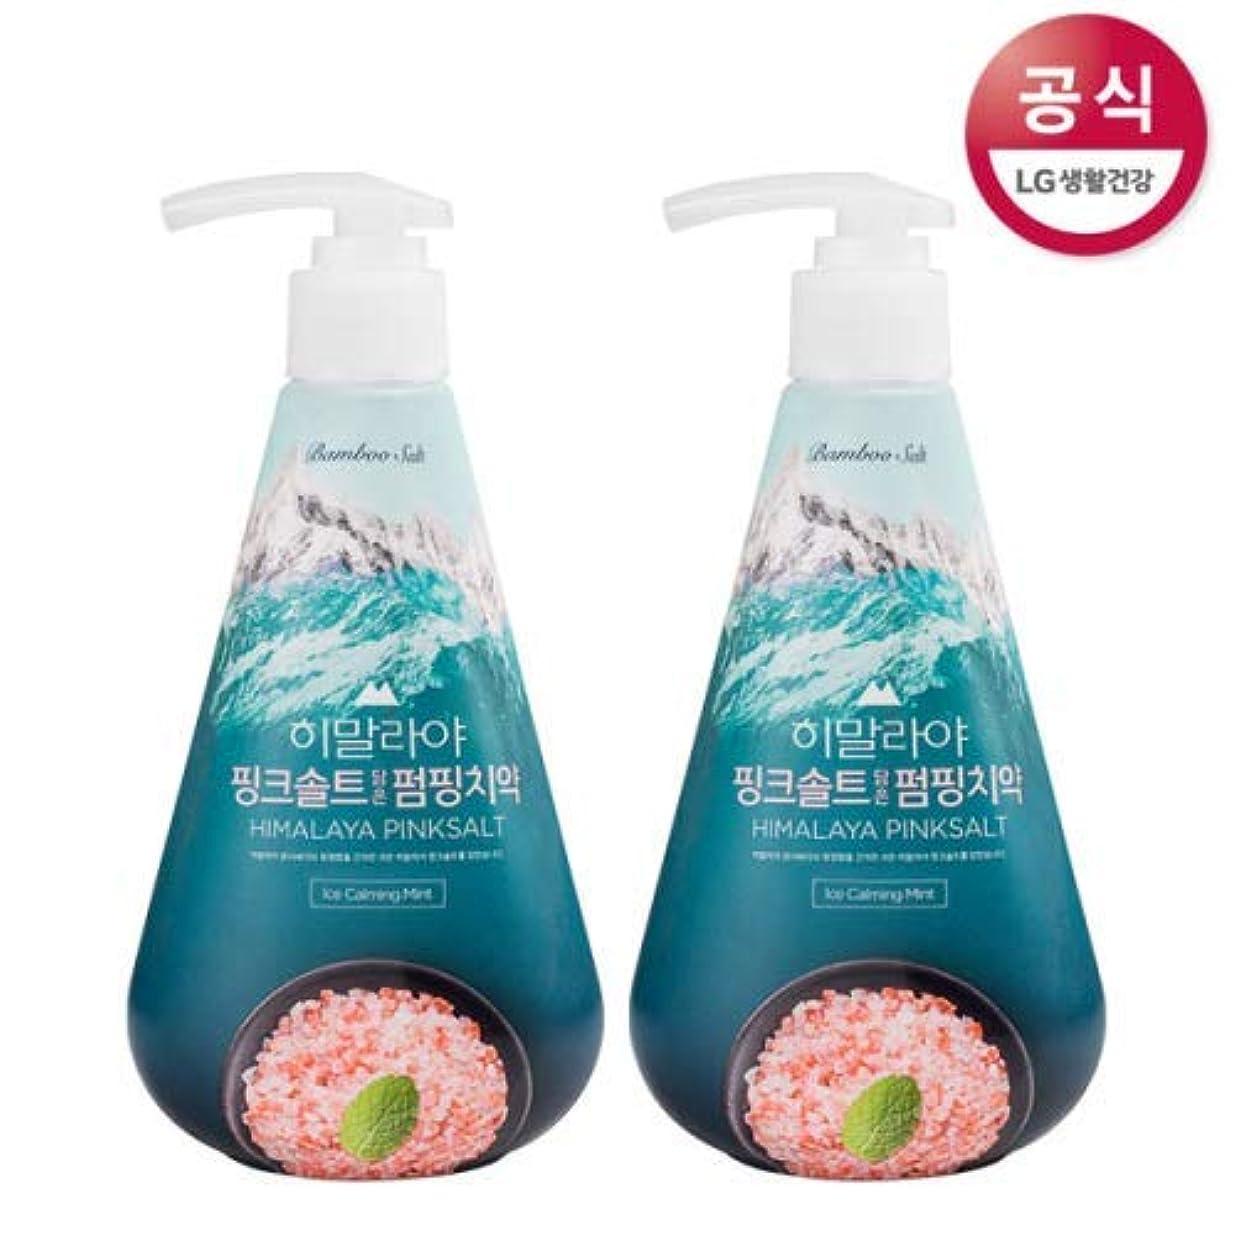 パワー無関心南方の[LG Care/LG生活健康]ヒマラヤピンクソルトポンピング歯磨き粉アイスカミングミント285gx2個/歯磨きセットスペシャル?リミテッドToothpaste Set Special Limited Korea(海外直送品)